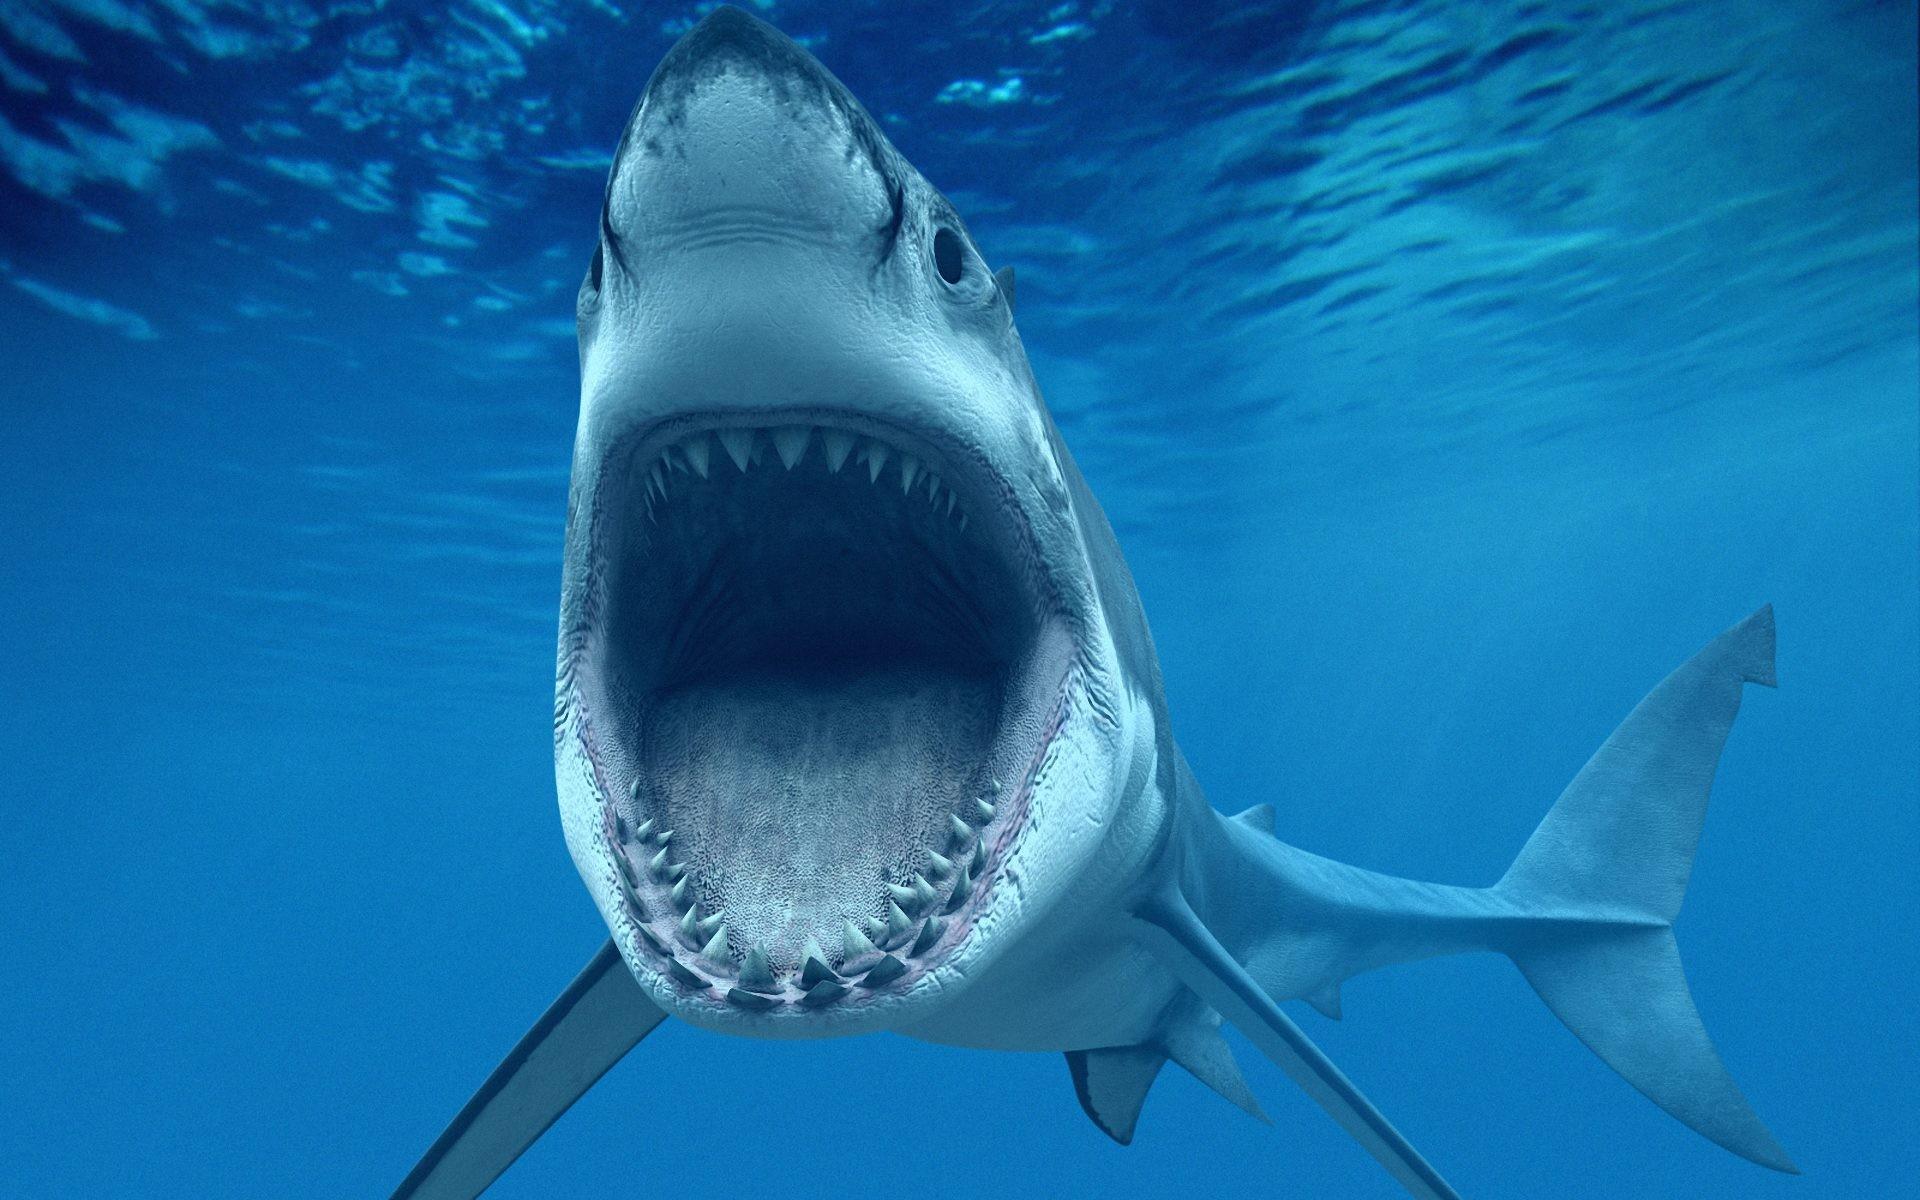 Un tiburón hambriento - 1920x1200